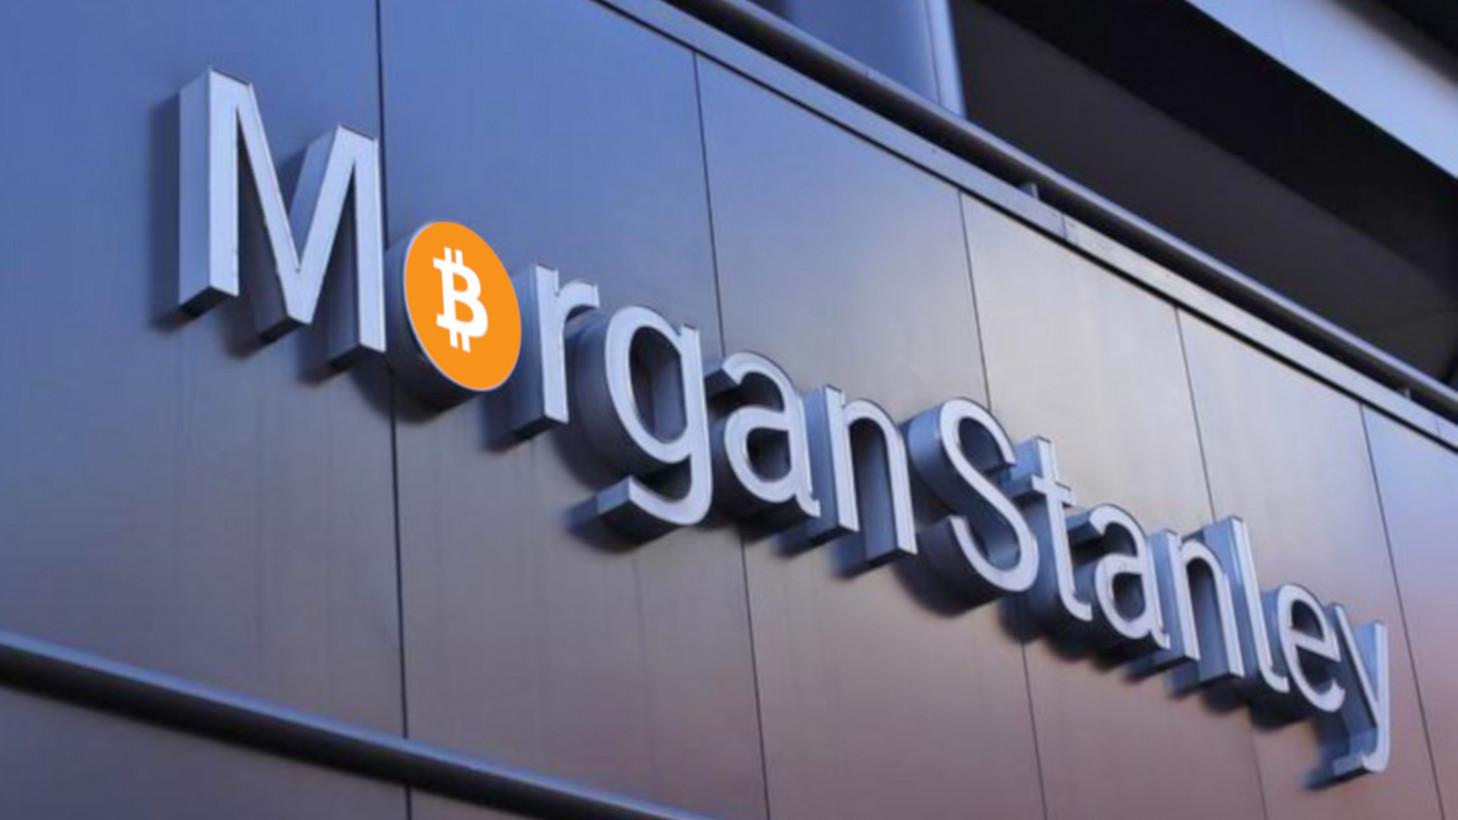 [Tin nóng] Ngân hàng đầu tư Morgan Stanley trình làng giao dịch Bitcoin